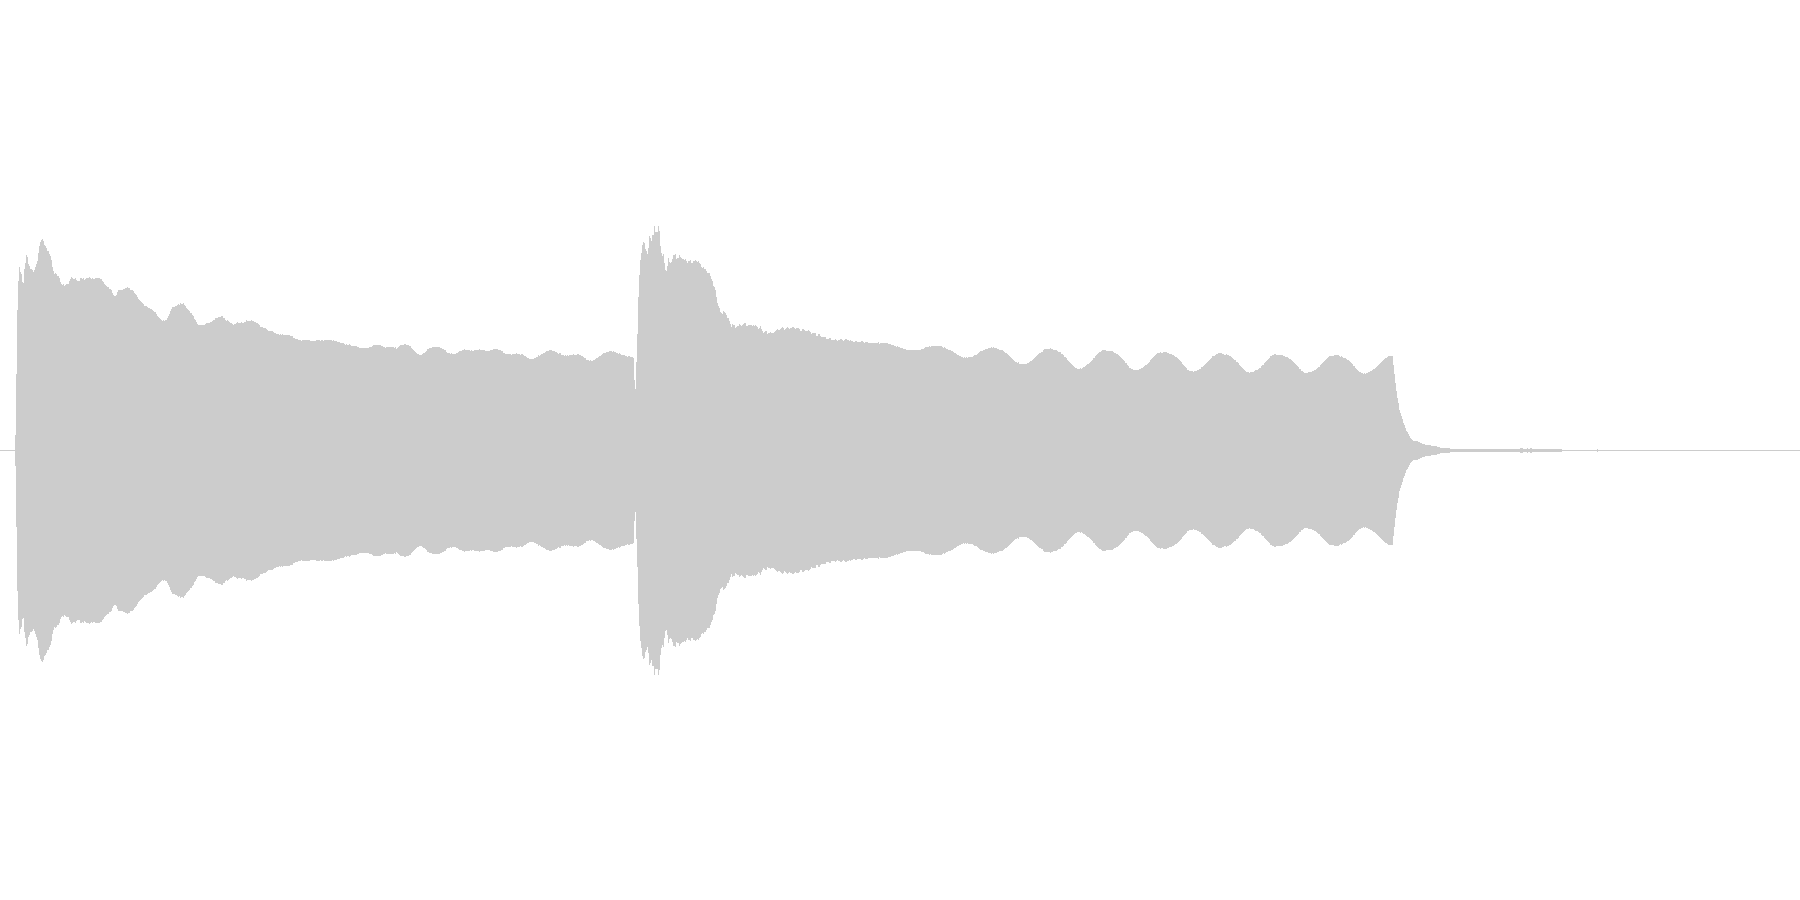 昔懐かしい豆腐屋の笛の音に似せた効果音の未再生の波形